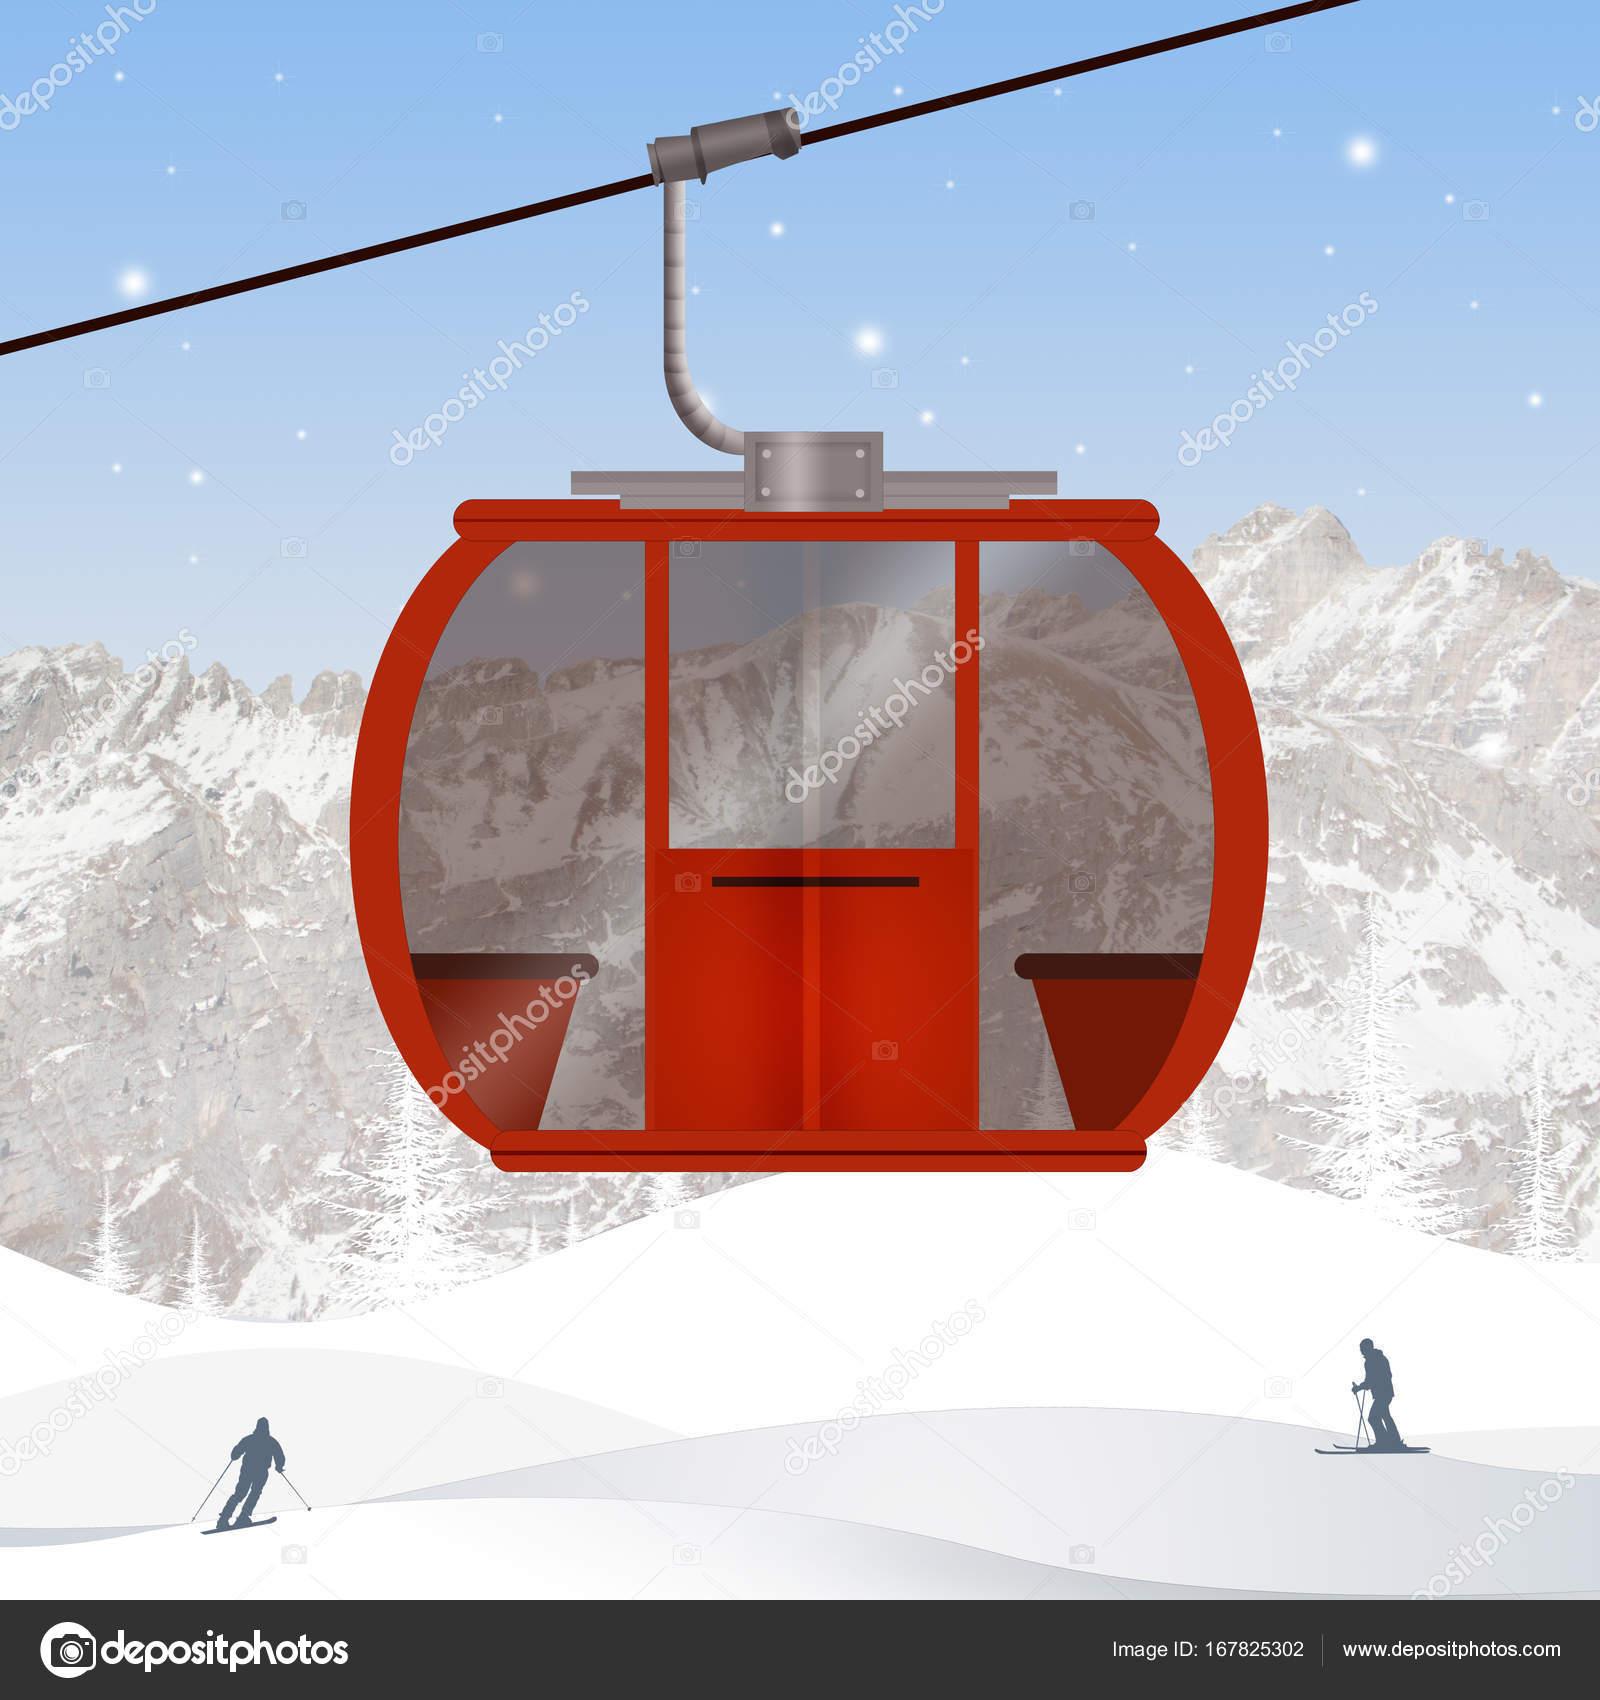 スキー場のリフトのイラスト ストック写真 Adrenalina 167825302